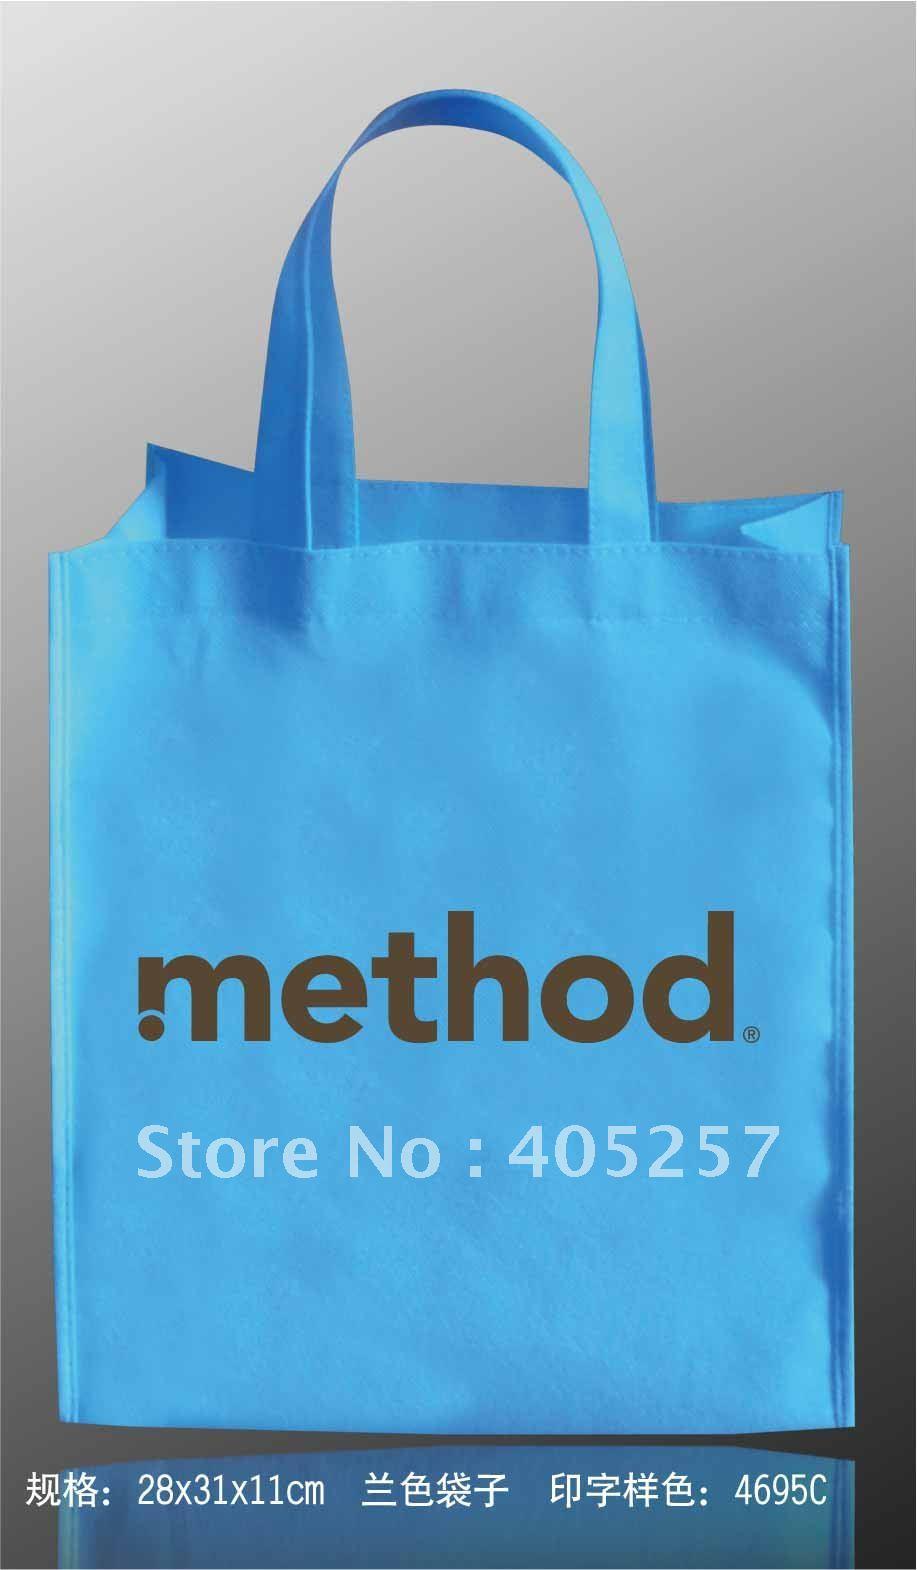 Free shipping Customized Logo Printing gift bag eco friendly Reusable non-woven Shopping bags NO.486<br><br>Aliexpress